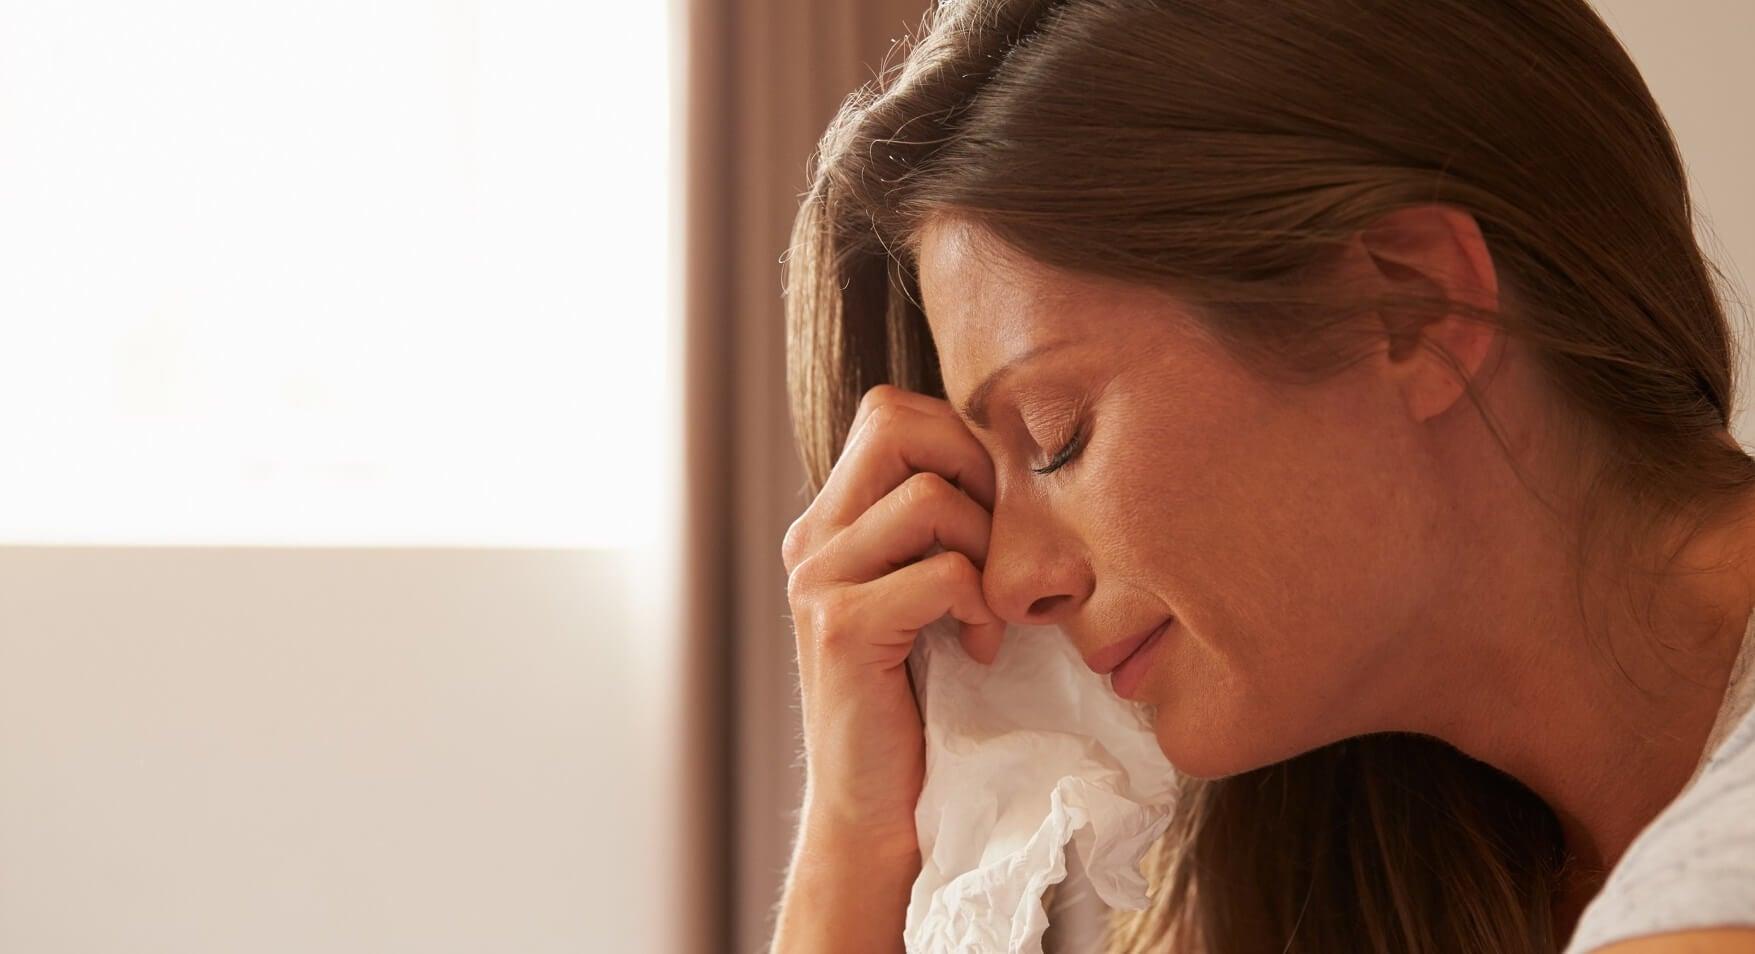 Las mamás también lloran: por miedo, estrés o cansancio